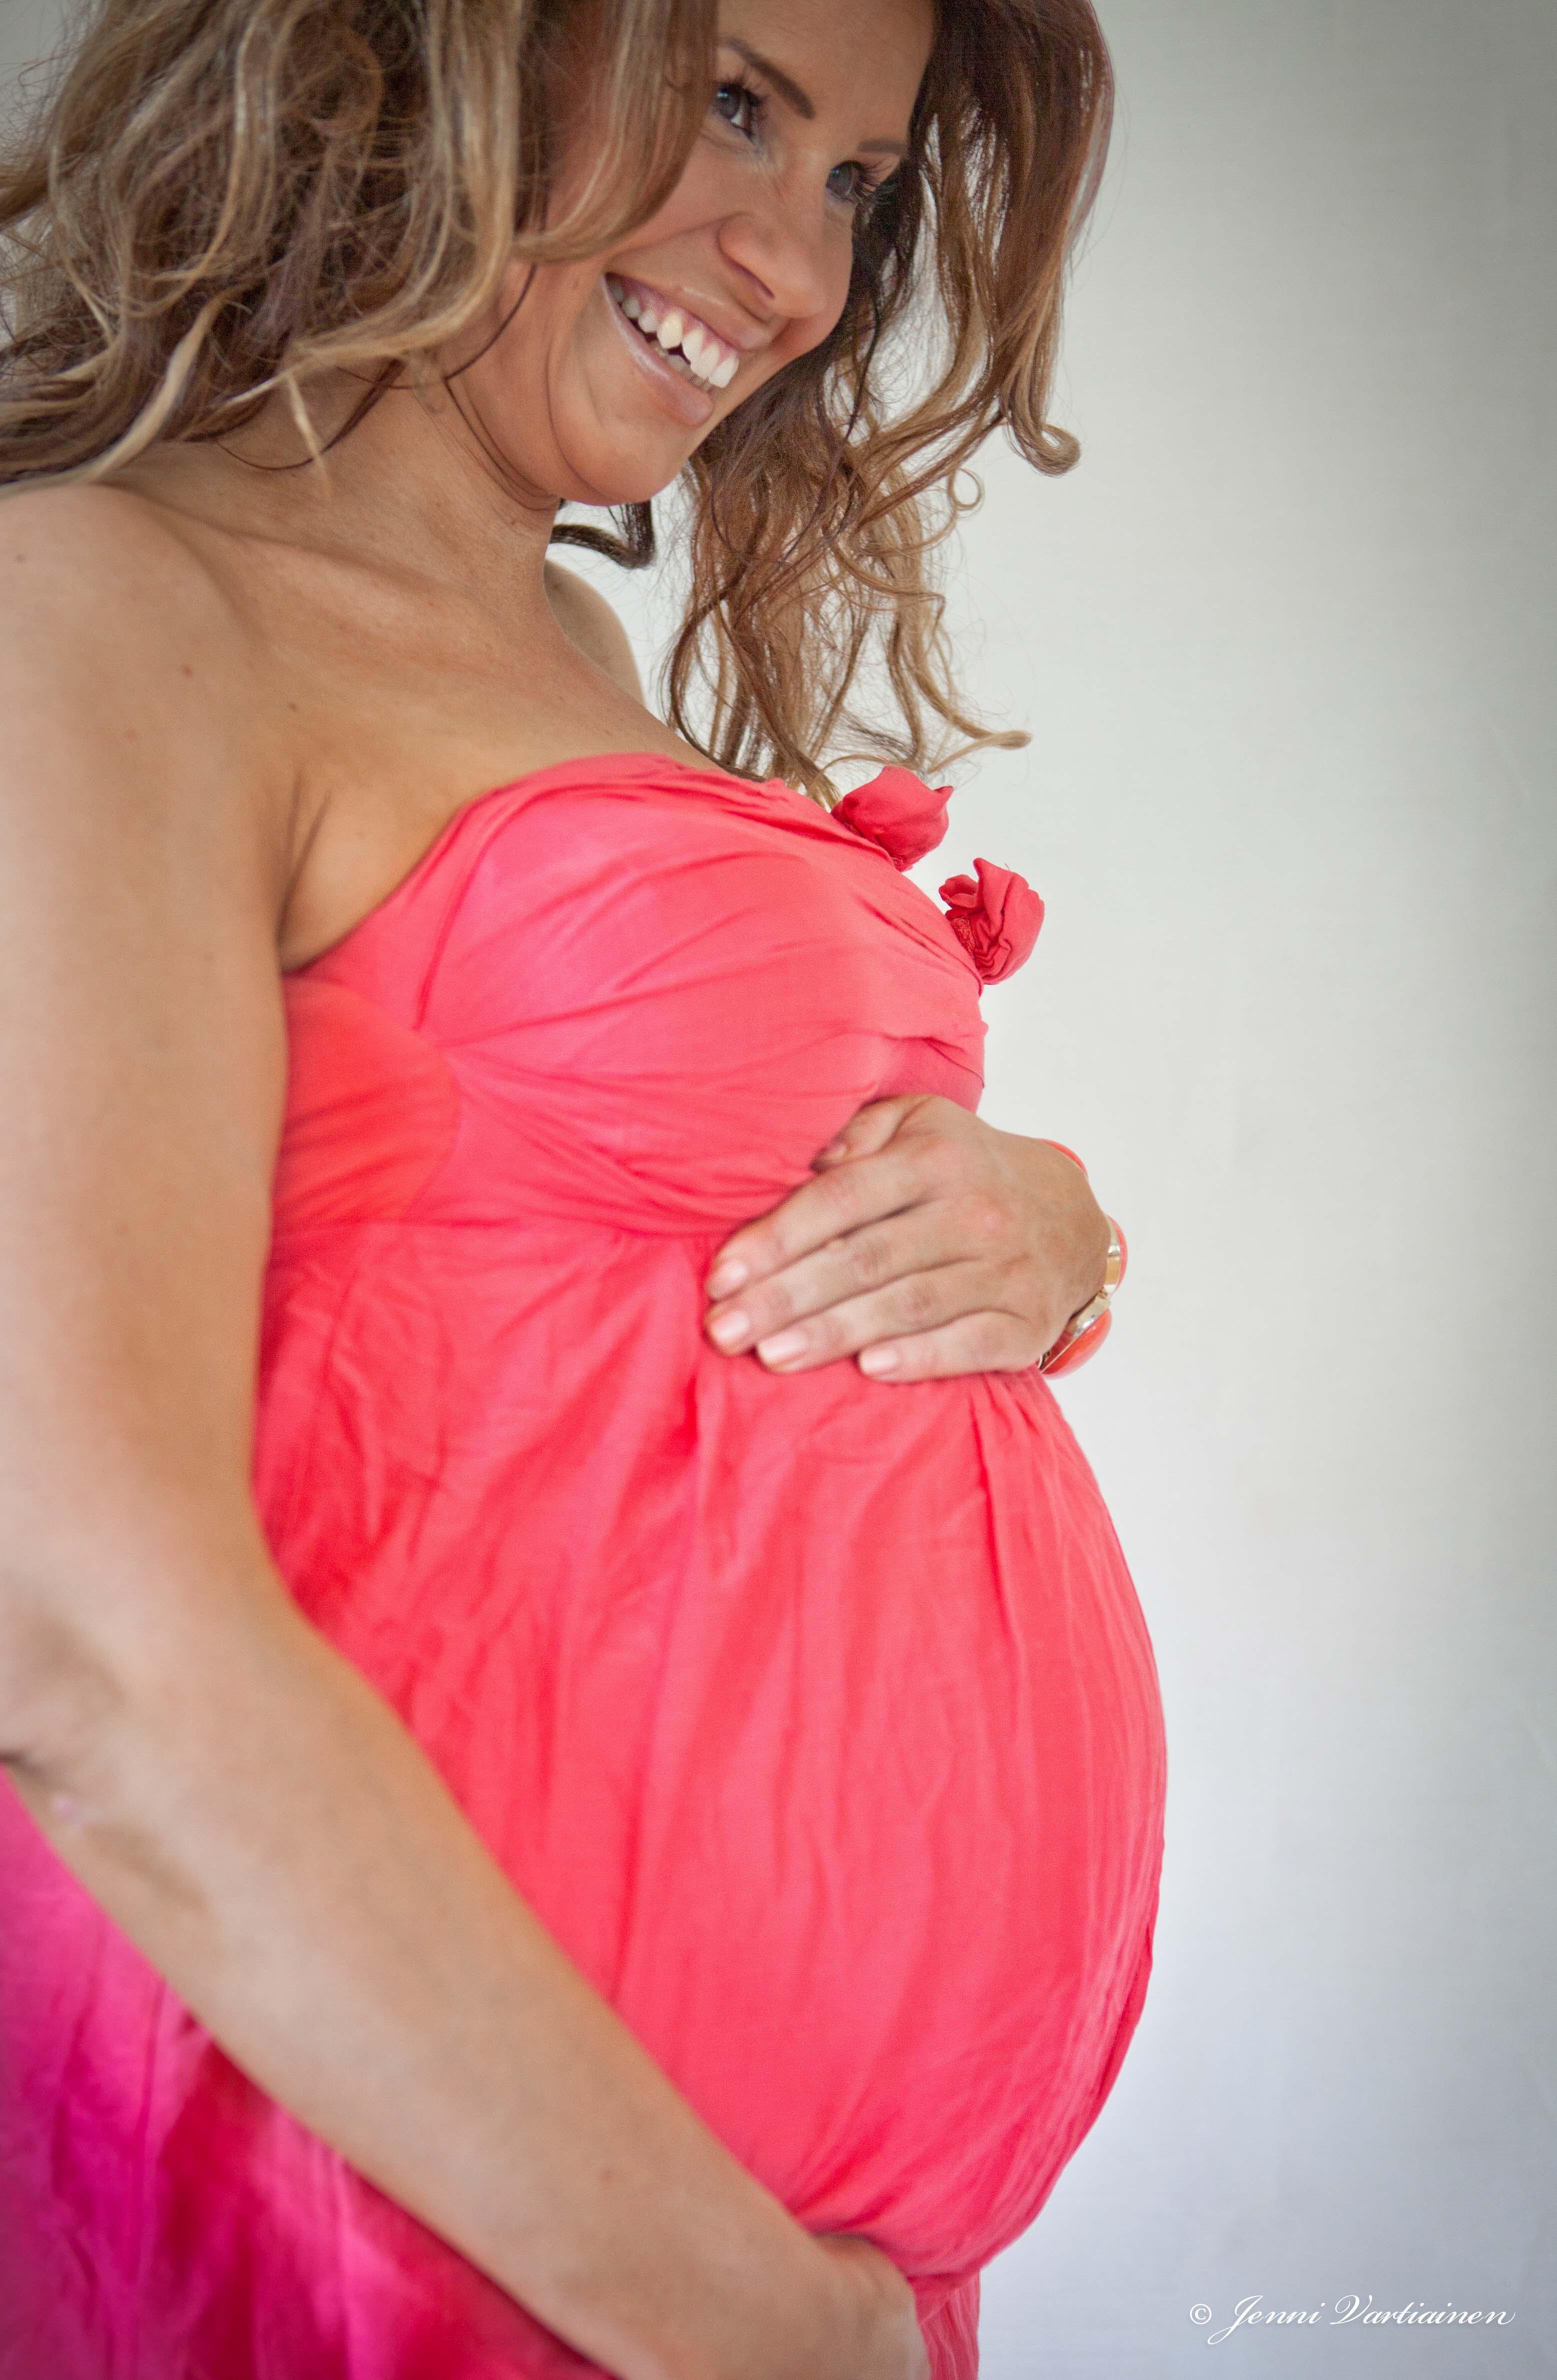 Odotusajan kuvaus odotuskuvaus raskauskuvaus mahakuvat mahakuvaus (1 of 1)